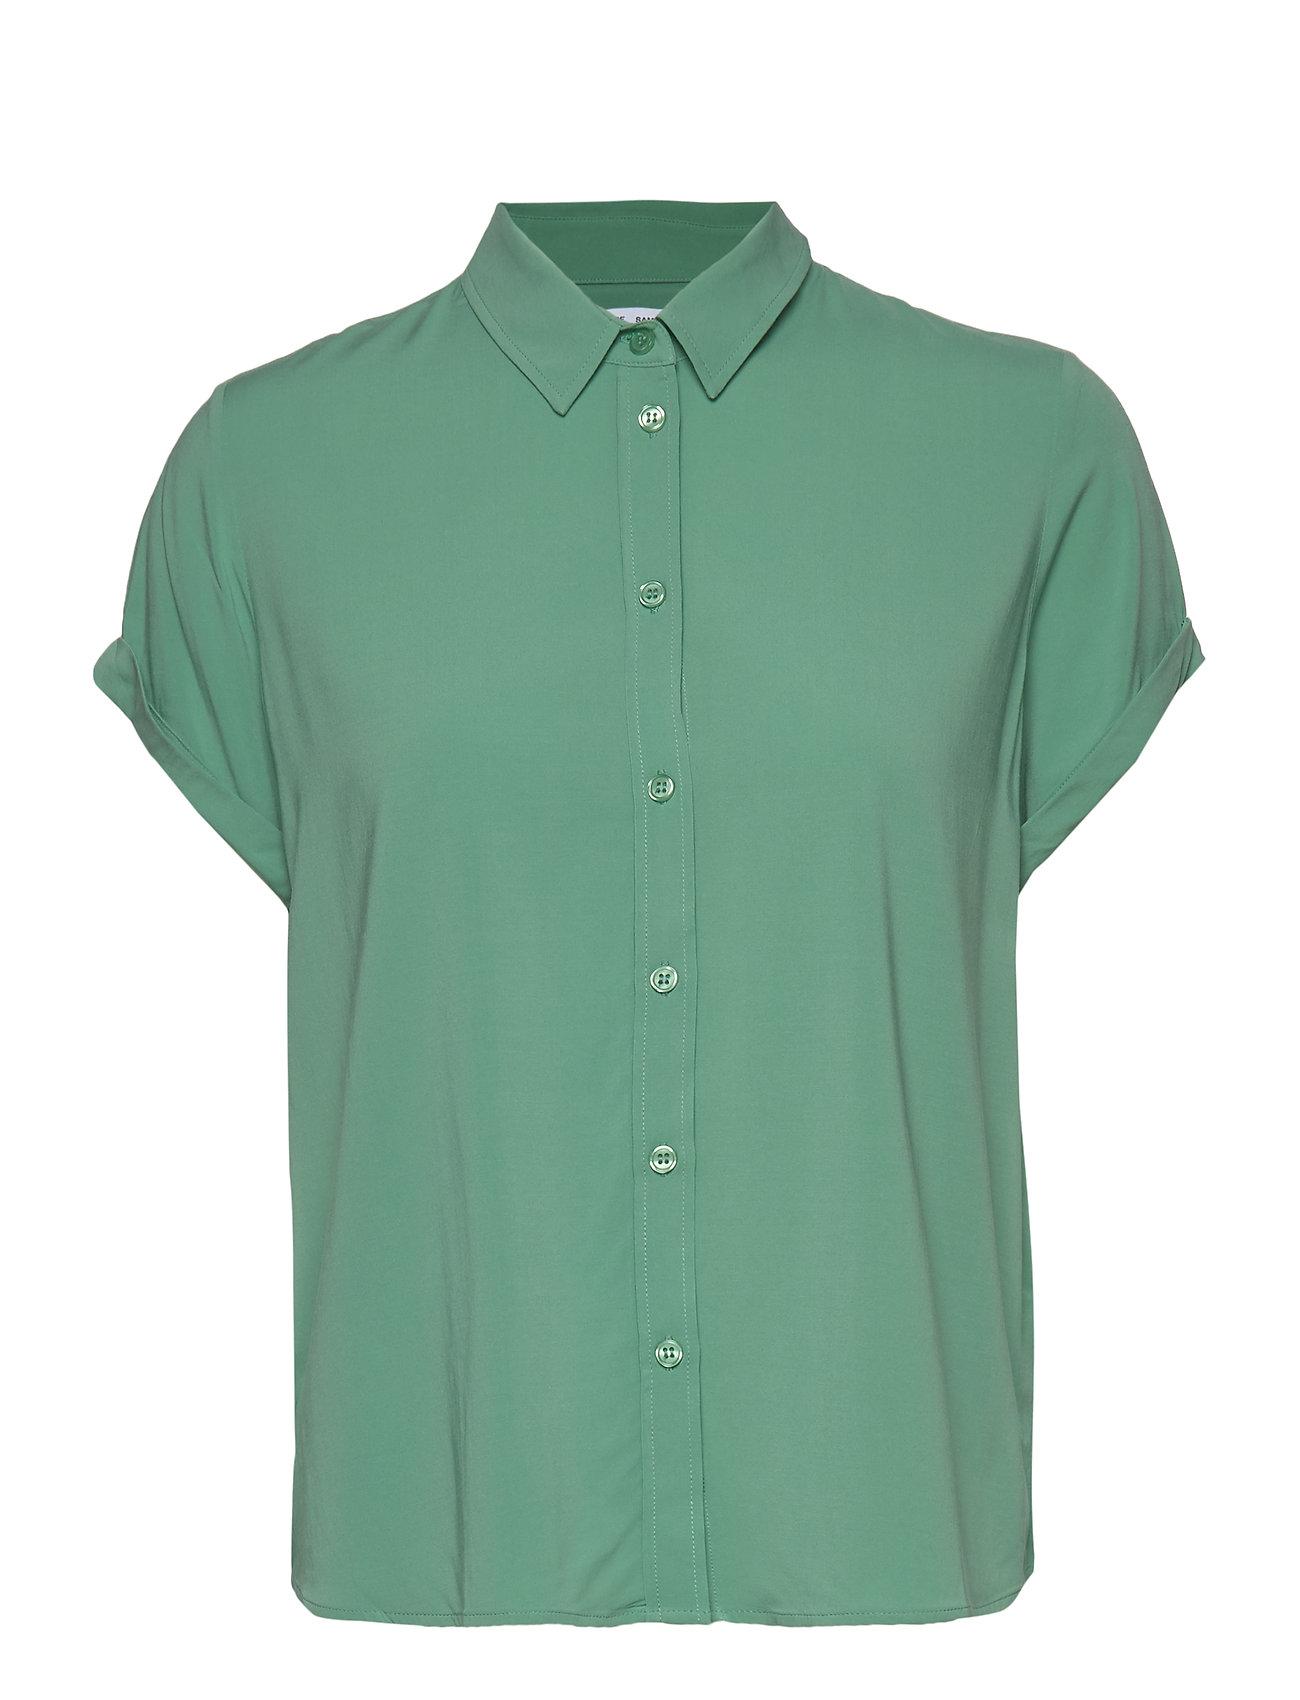 Samsøe Samsøe Majan ss shirt 9942 - CREME DE MENTHE